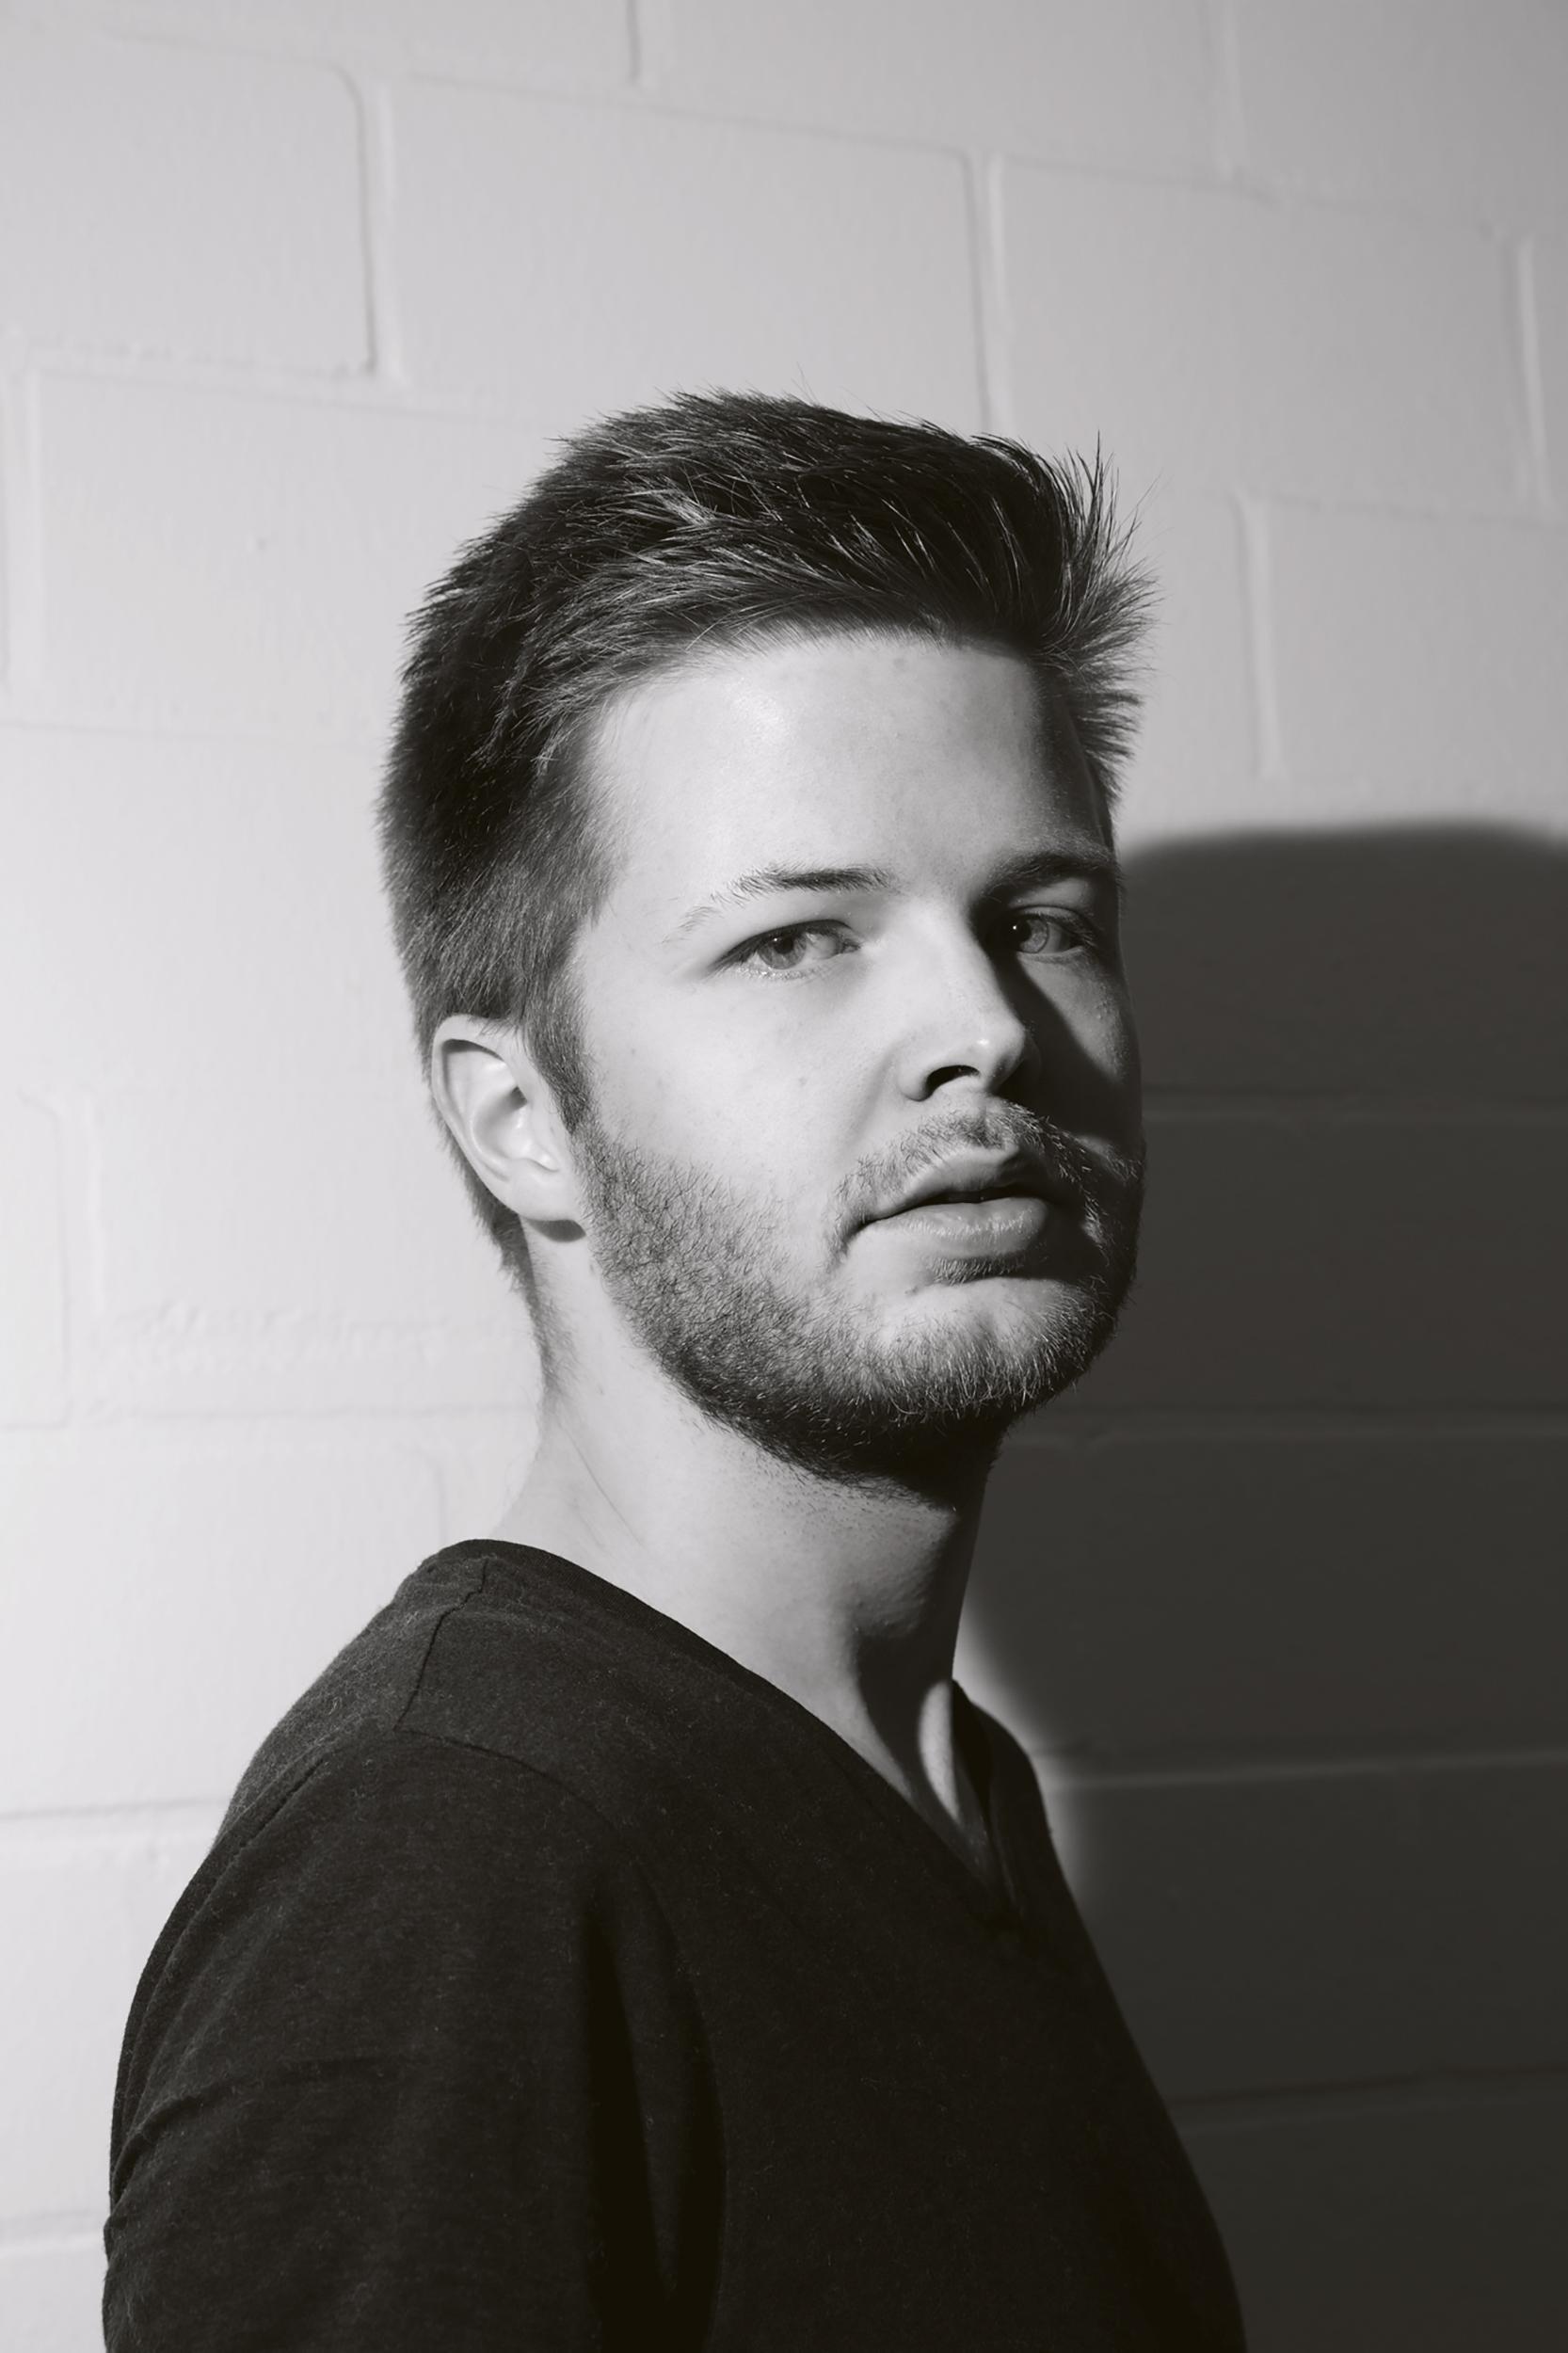 Universitäten: Tim Neumann, 22, studiert im ersten Mastersemester Politische Kommunikation an der Heinrich-Heine-Universität Düsseldorf